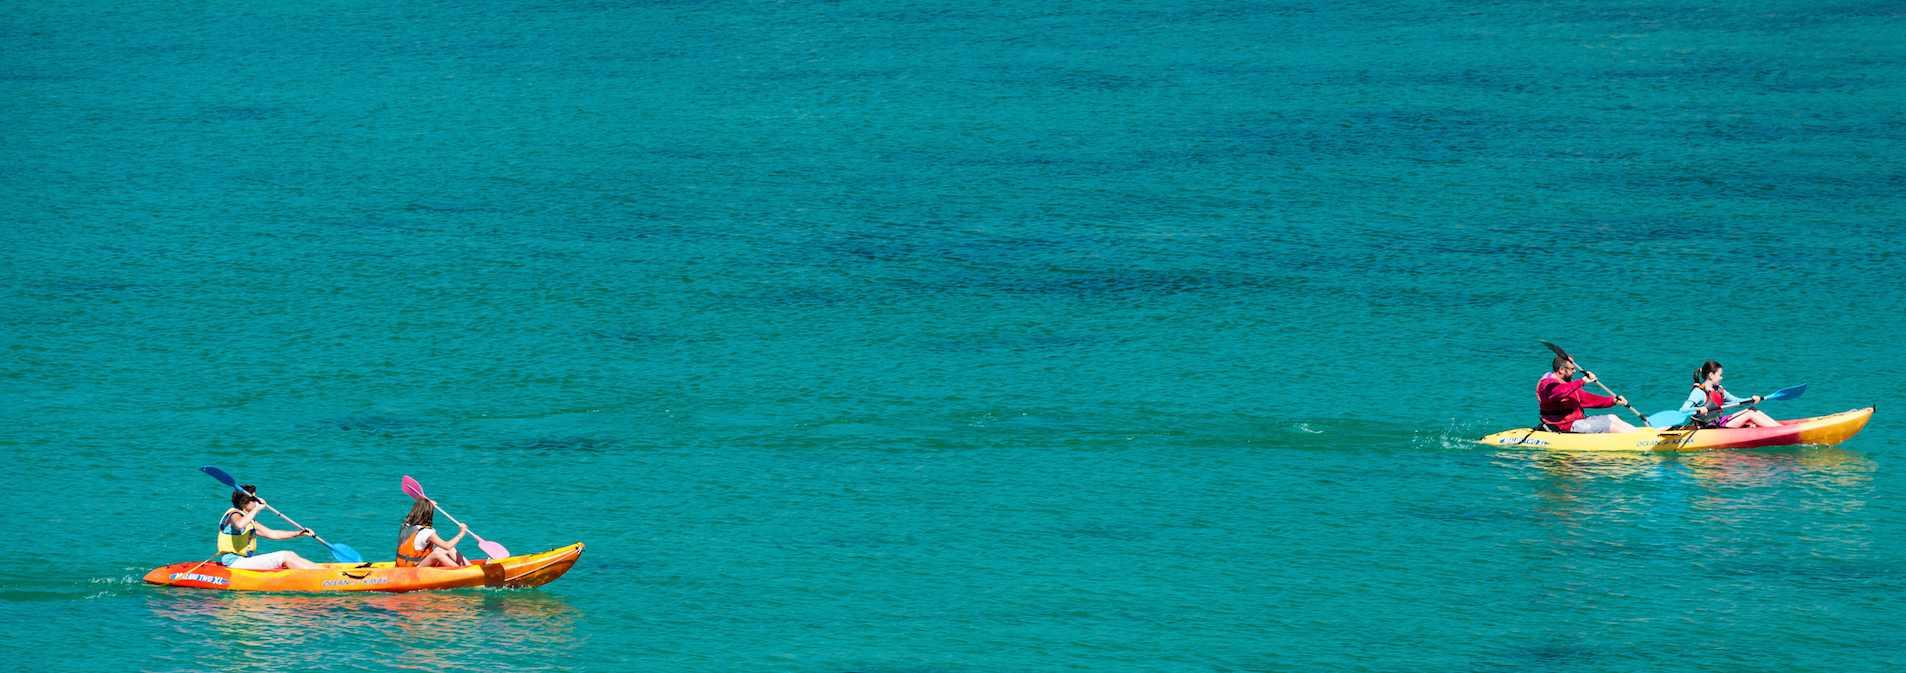 Les balades et randonnées nautiques